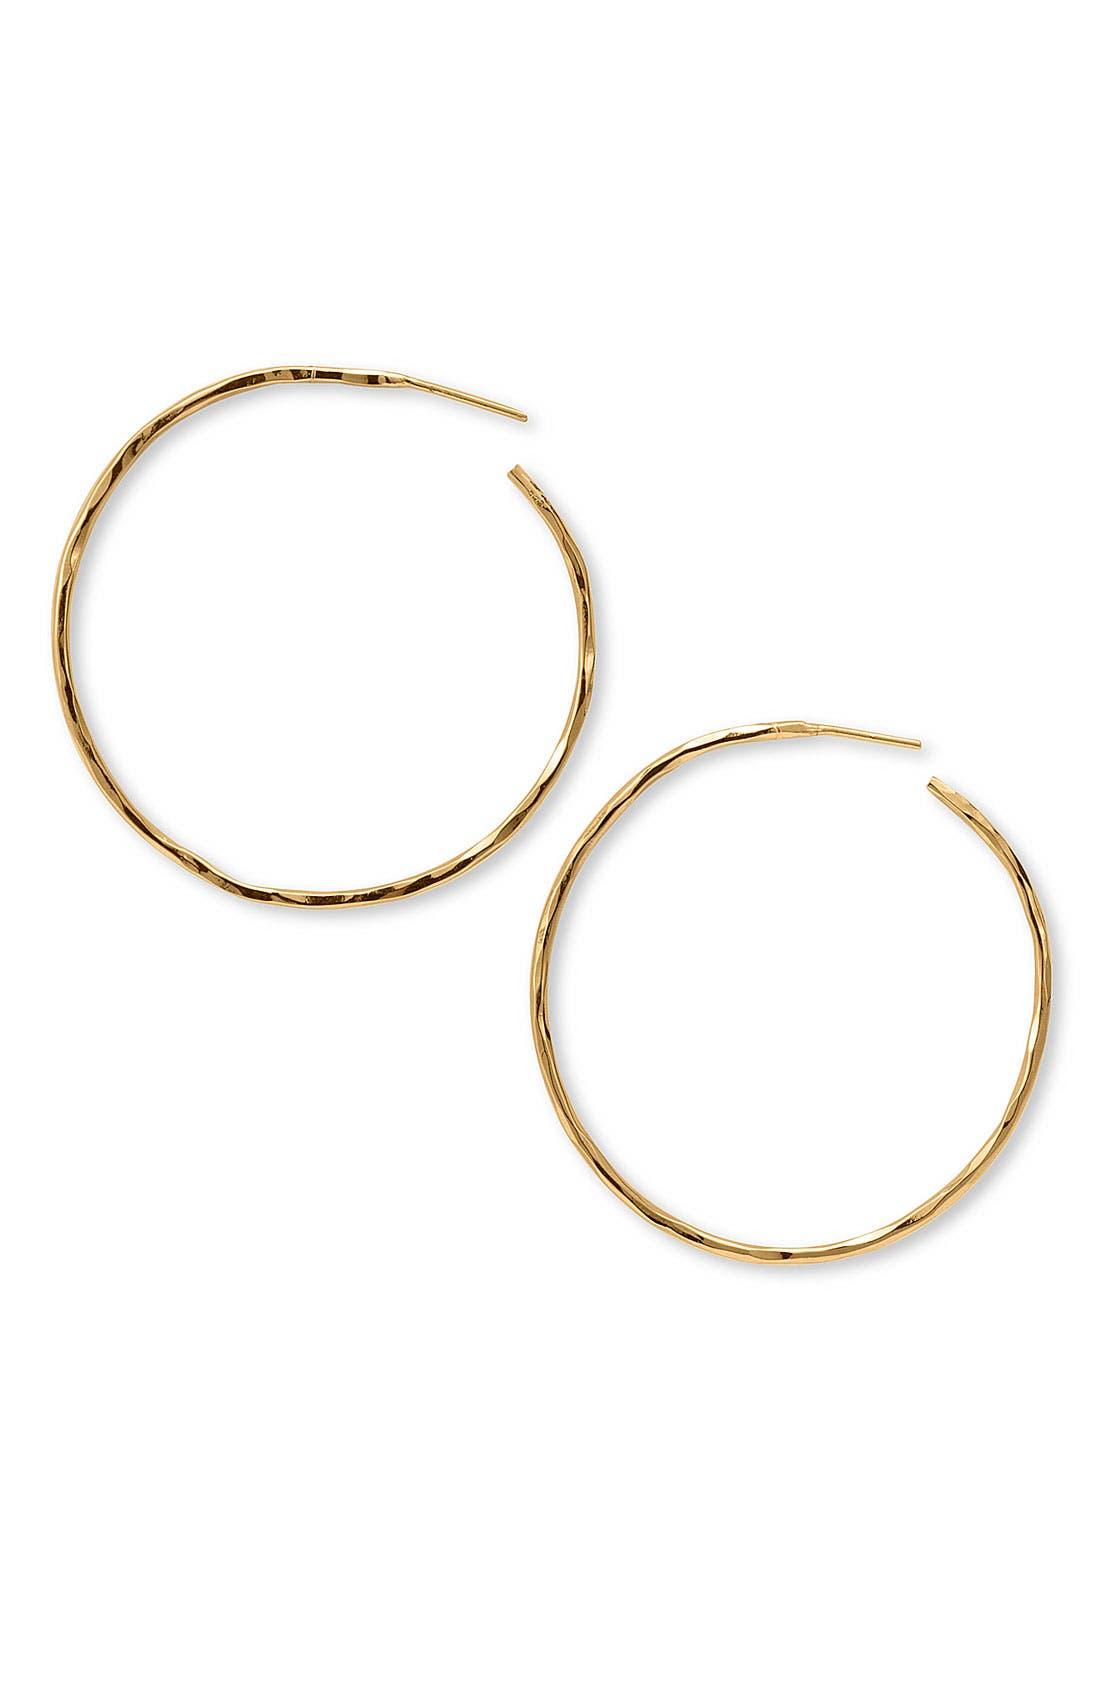 Argento Vivo Hammered Large Hoop Earrings